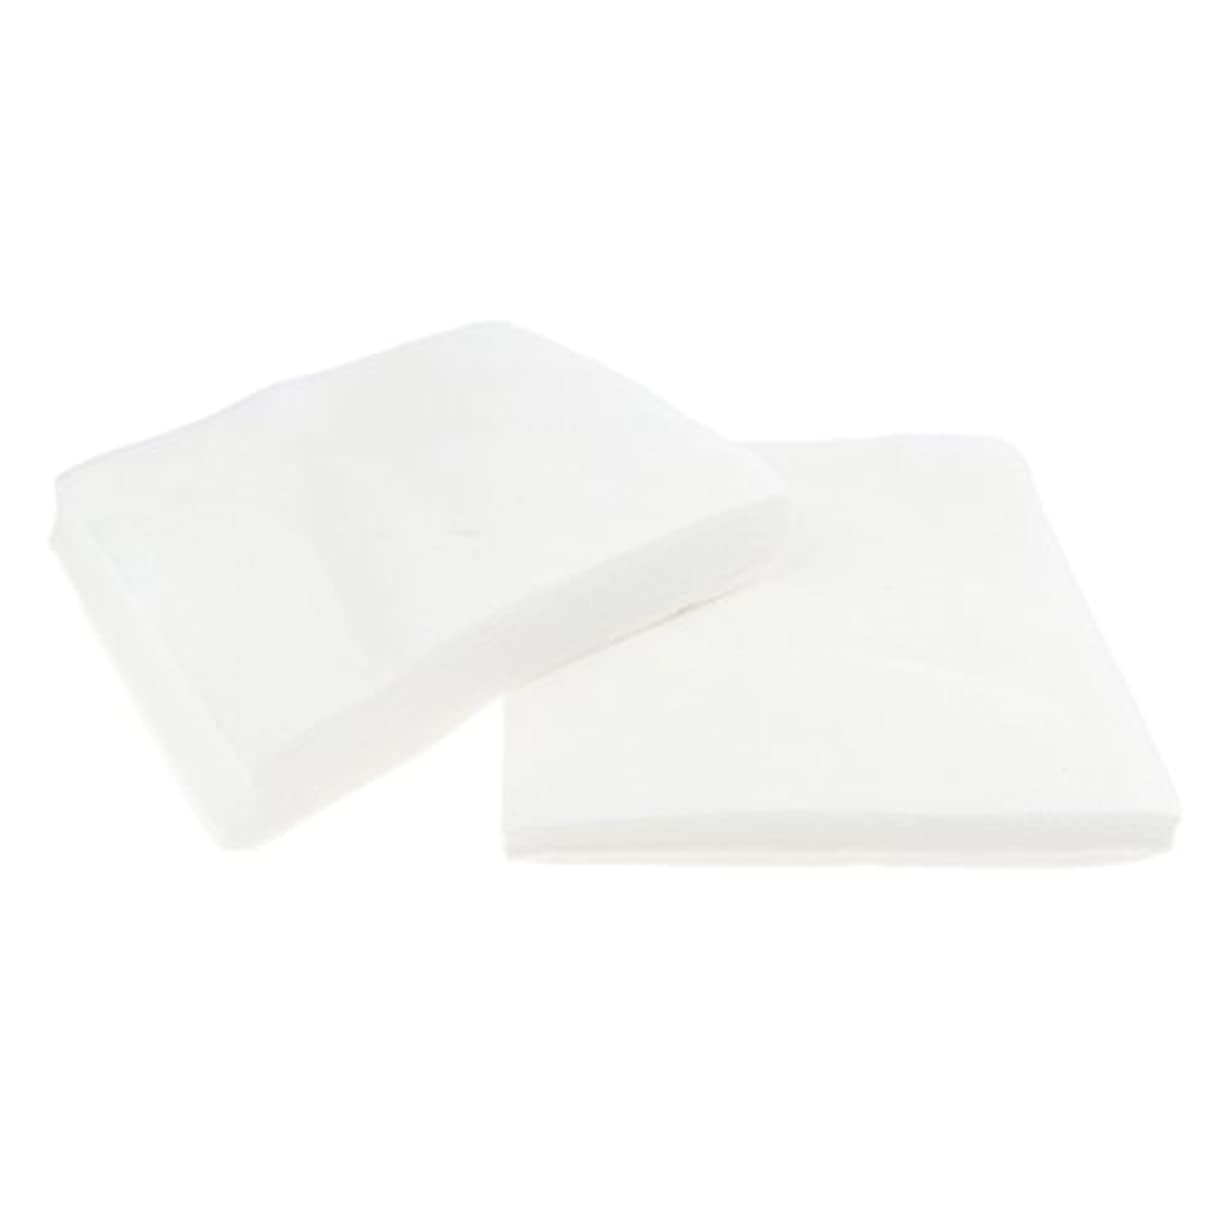 種類アルコール実質的メイク落とし 洗顔 シート クレンジングシート メイク落とし 使い捨て ホワイト 2サイズ - 1#